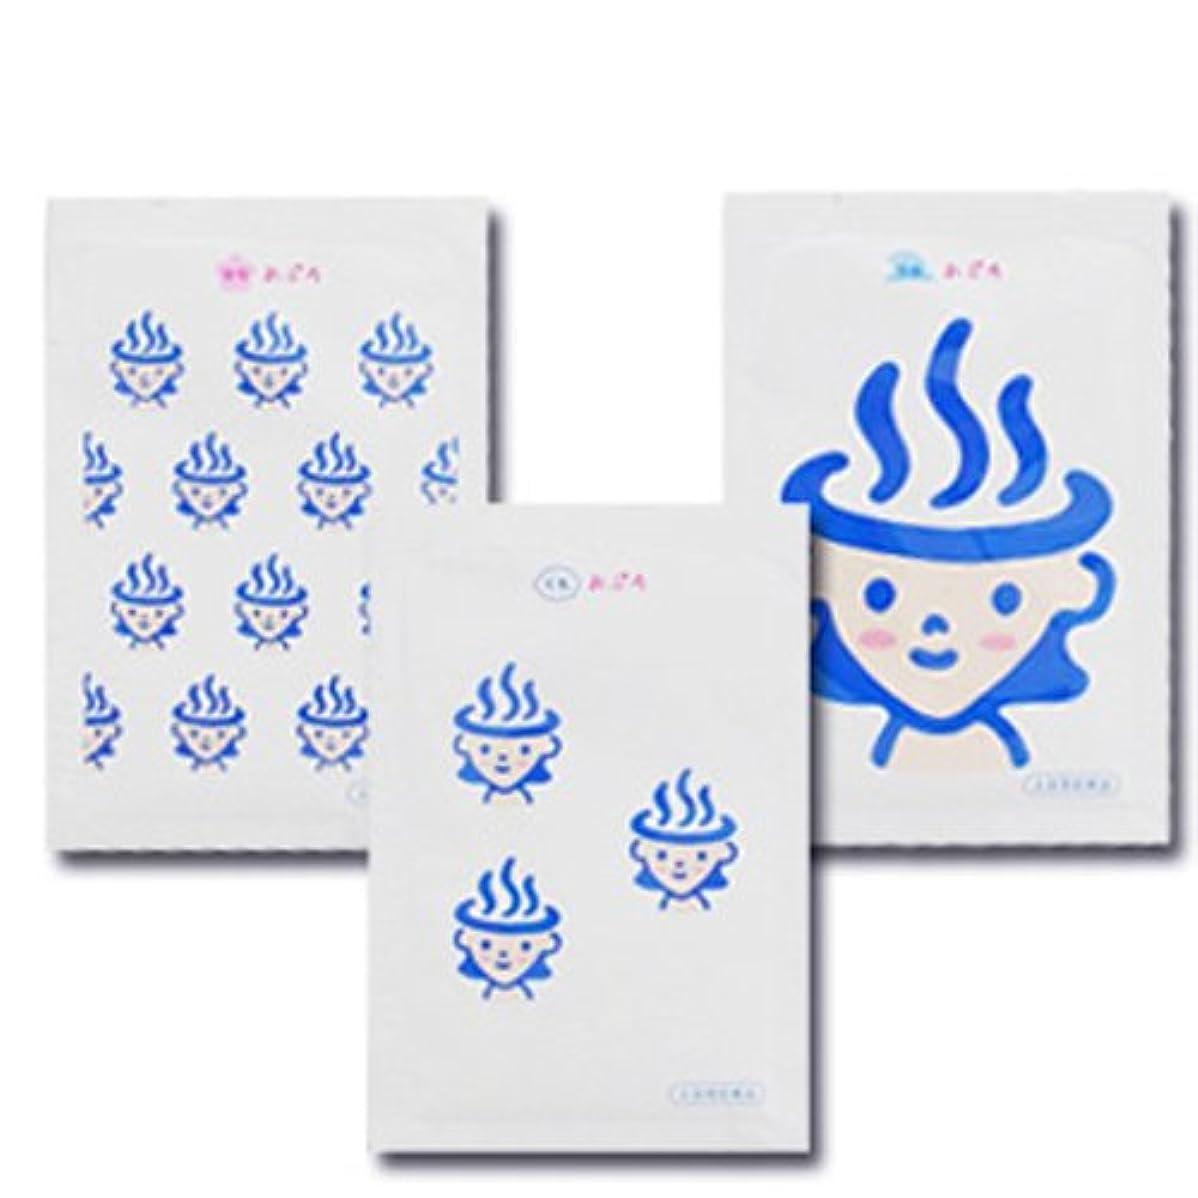 ヒープ安全な踏みつけお風呂サプリ おぷろ 3包入り(3種×1包)